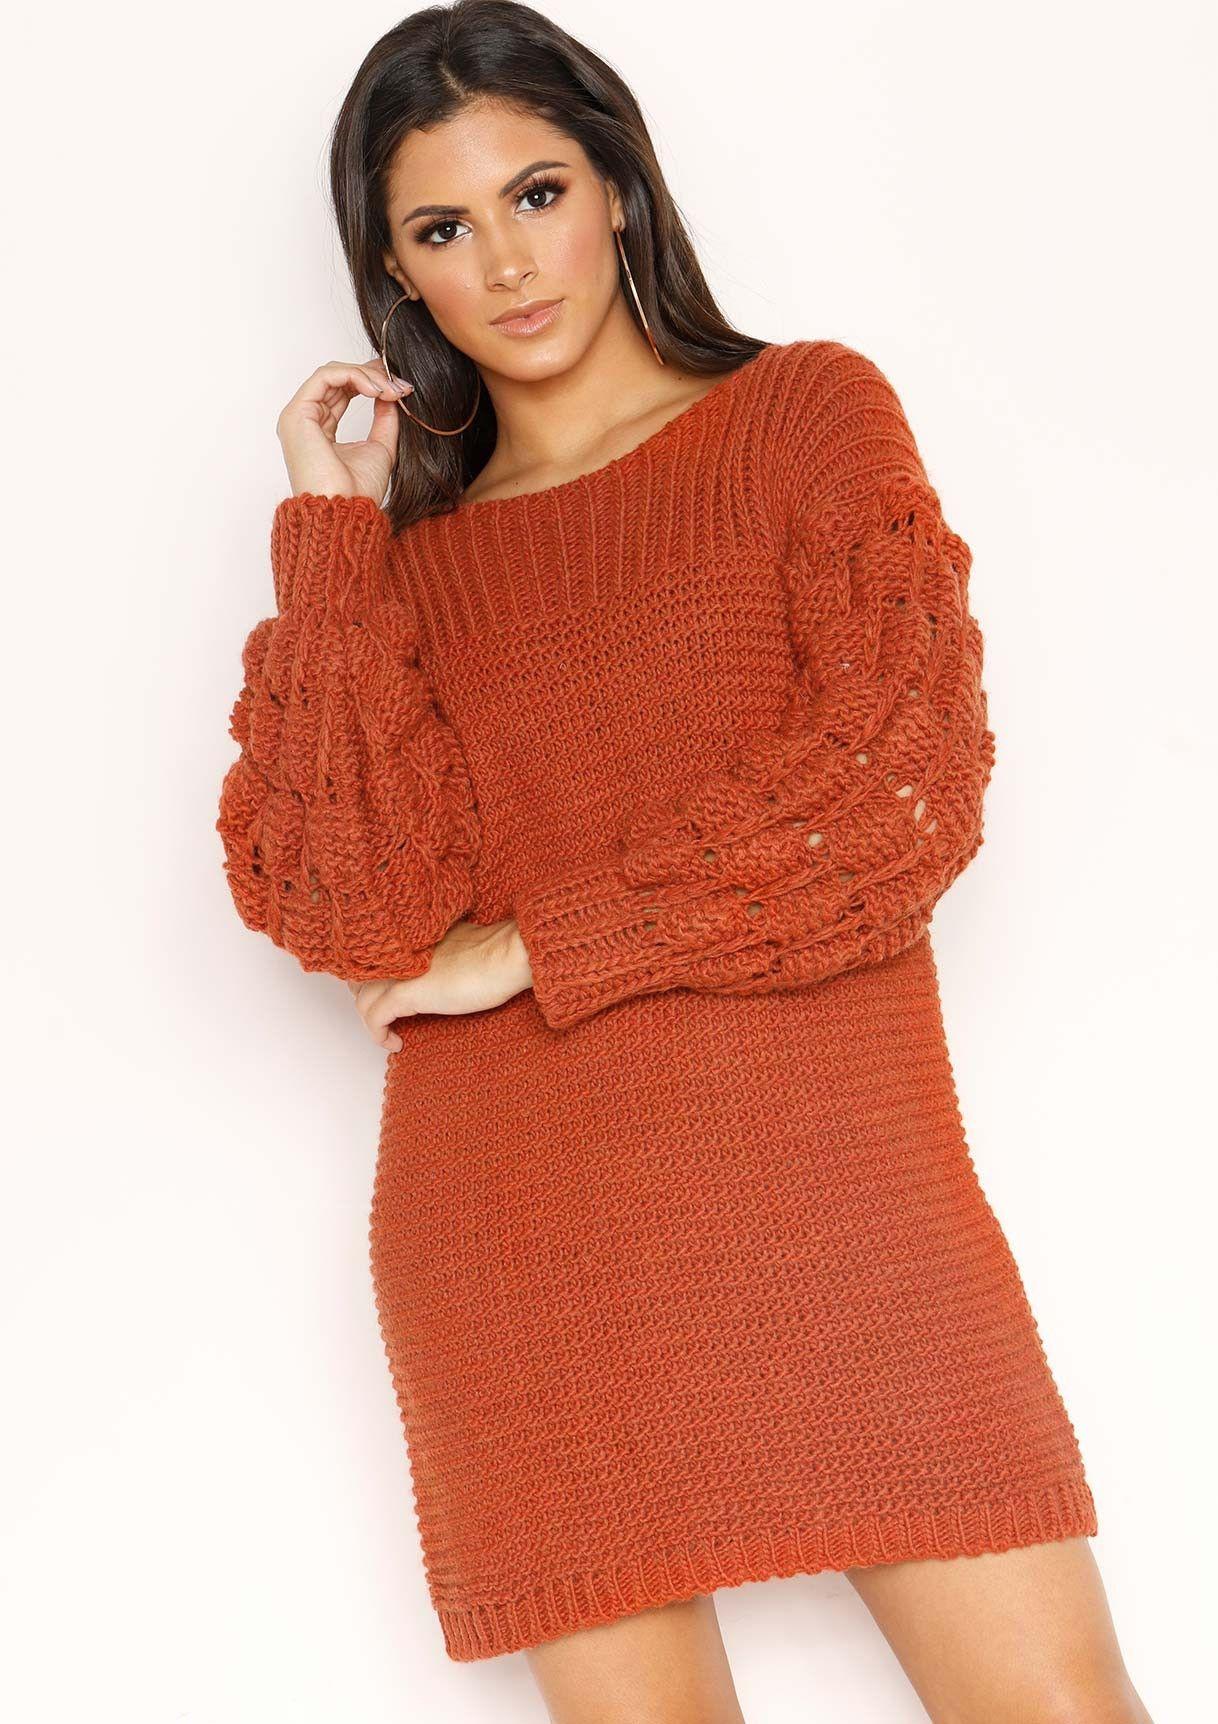 Fern Rust Chunky Knit Jumper Dress #chunkyknitjumper